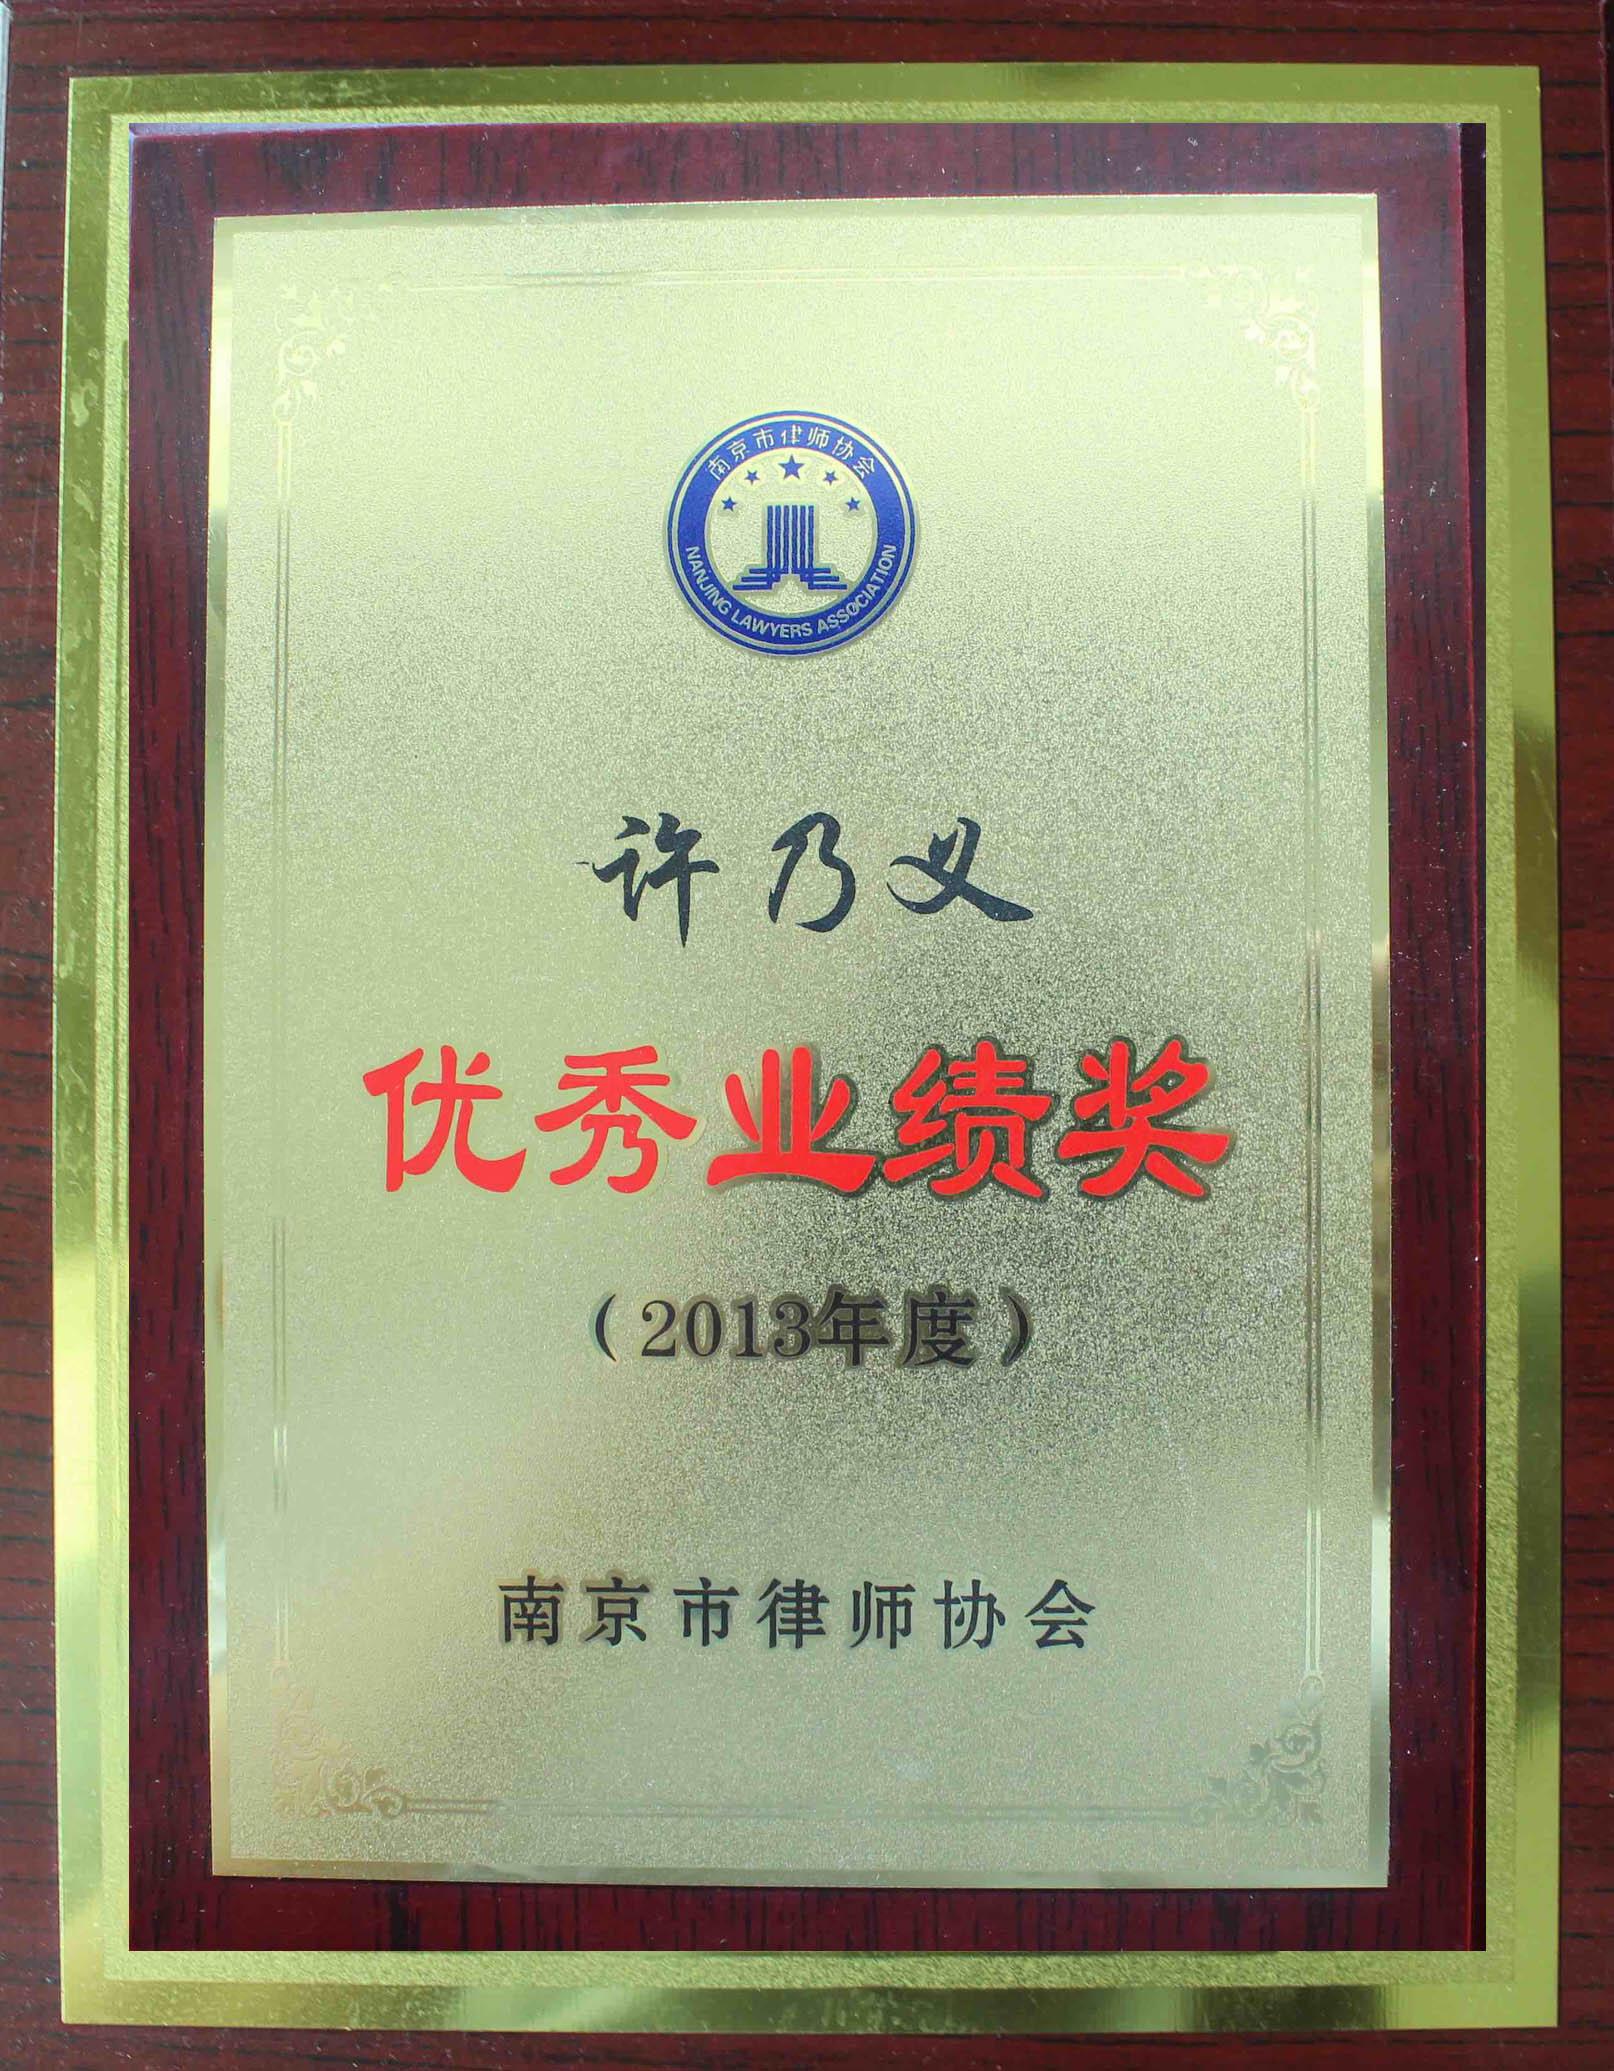 2013年優秀業績獎